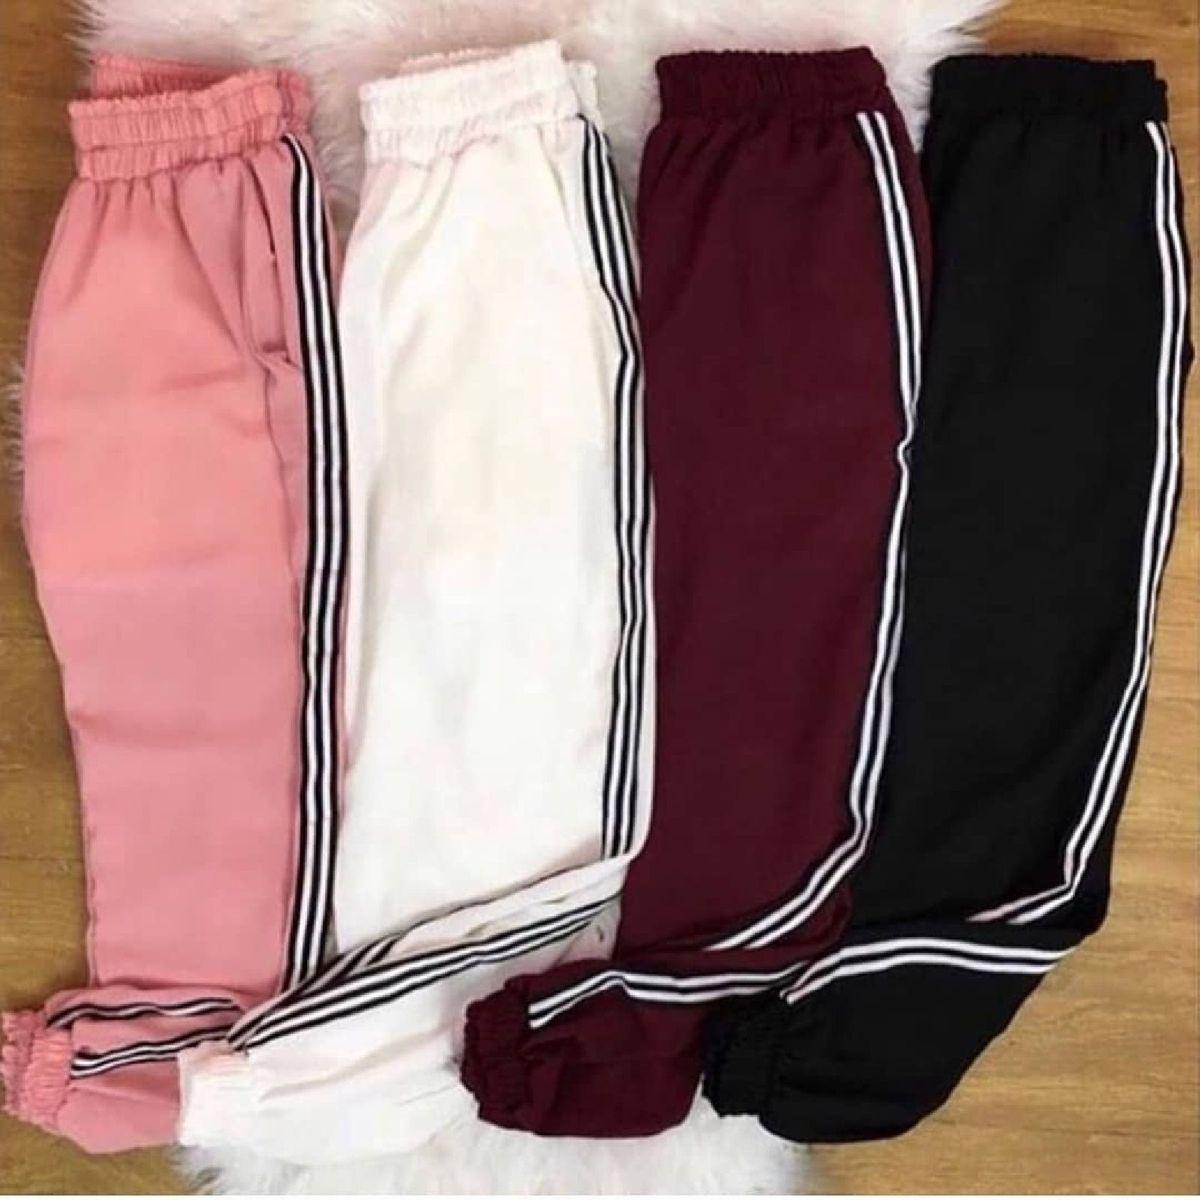 calça jogger listras - calças sem marca